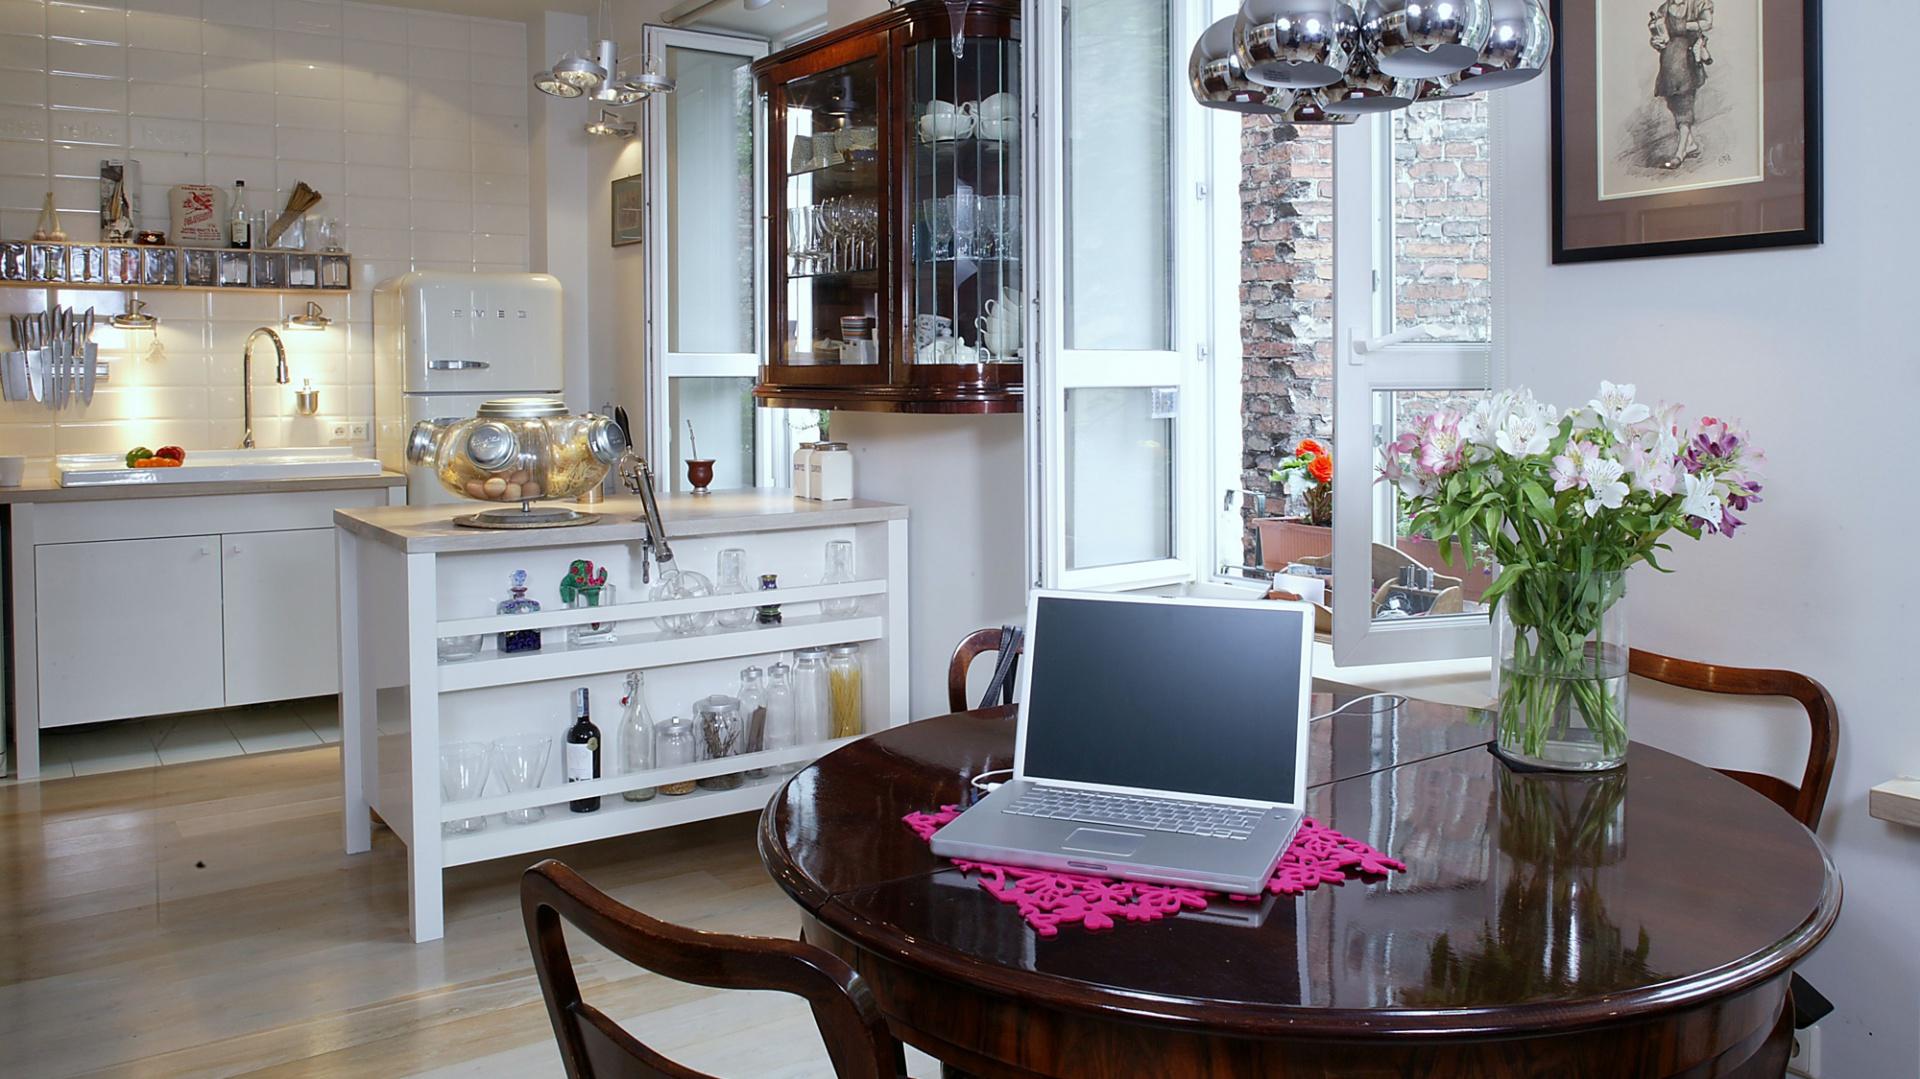 Mieszkanie to jedna, duża i otwarta przestrzeń, w której zostały wyodrębnione poszczególne, różniące się funkcjami miejsca. Fot. Monika Filipiuk.